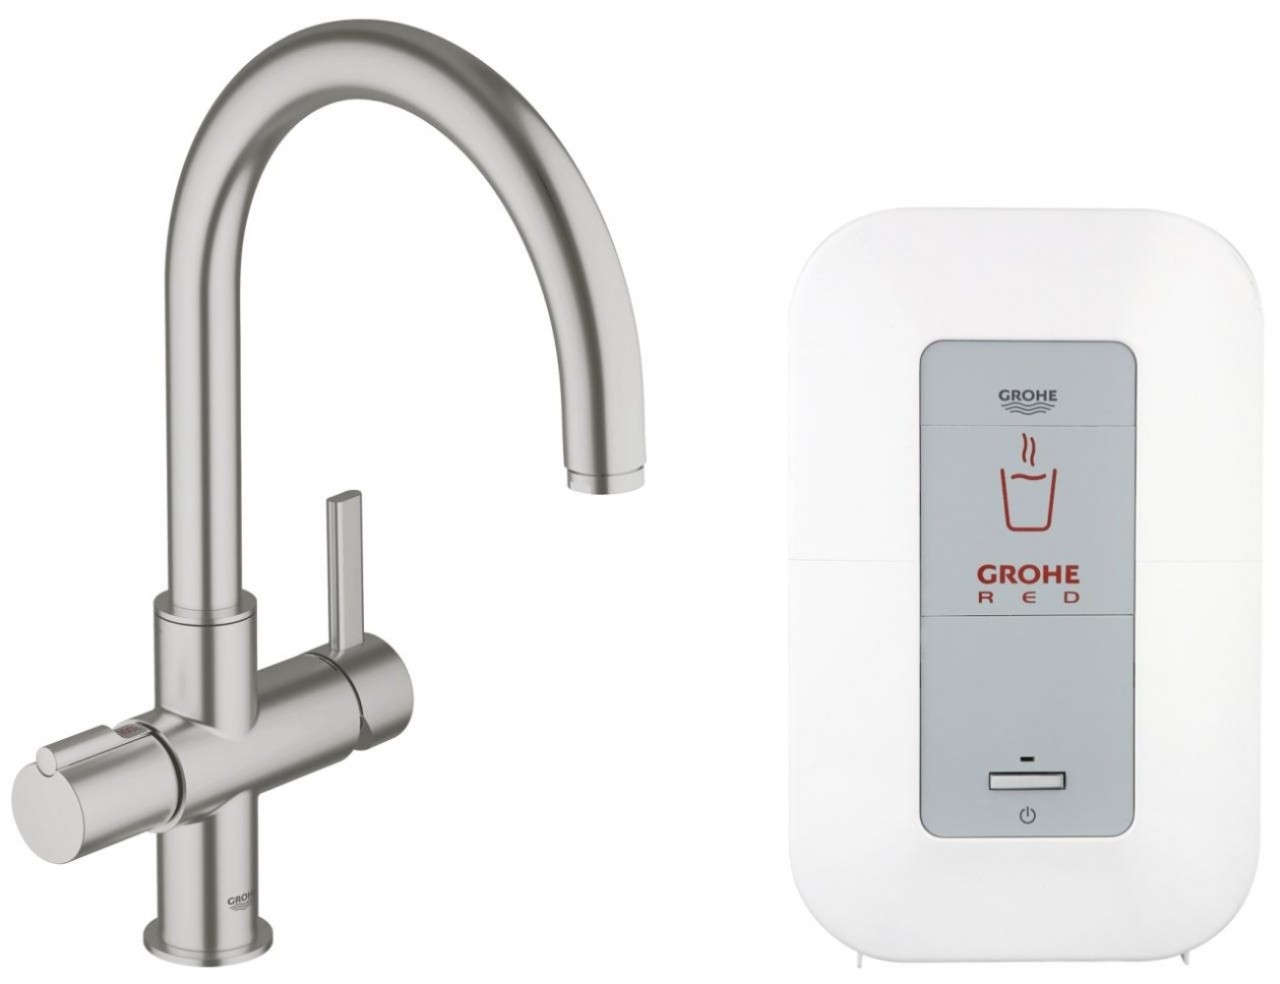 miscelatore cucina grohe red duo supersteel 30083dc0 rubinetti acqua bollente rubinetti. Black Bedroom Furniture Sets. Home Design Ideas